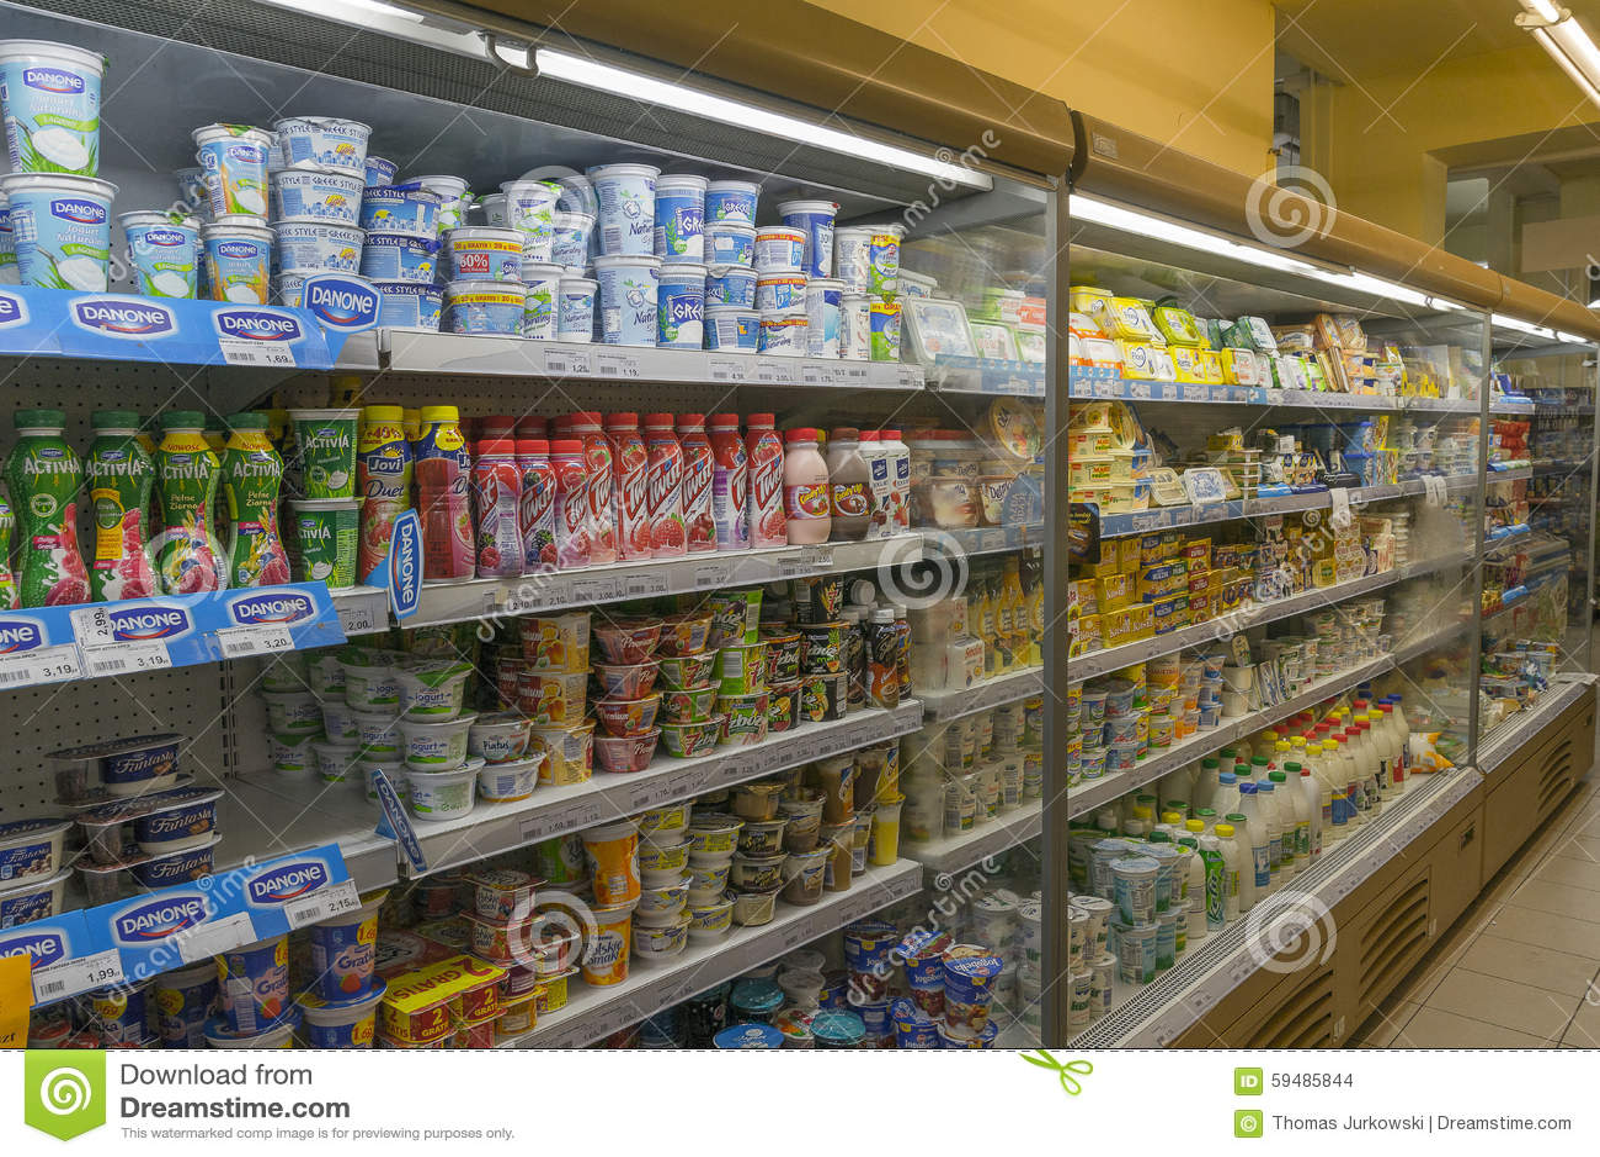 Kleiner Pepsi Kühlschrank : Produkte im kühlschrank redaktionelles stockbild bild von wahl